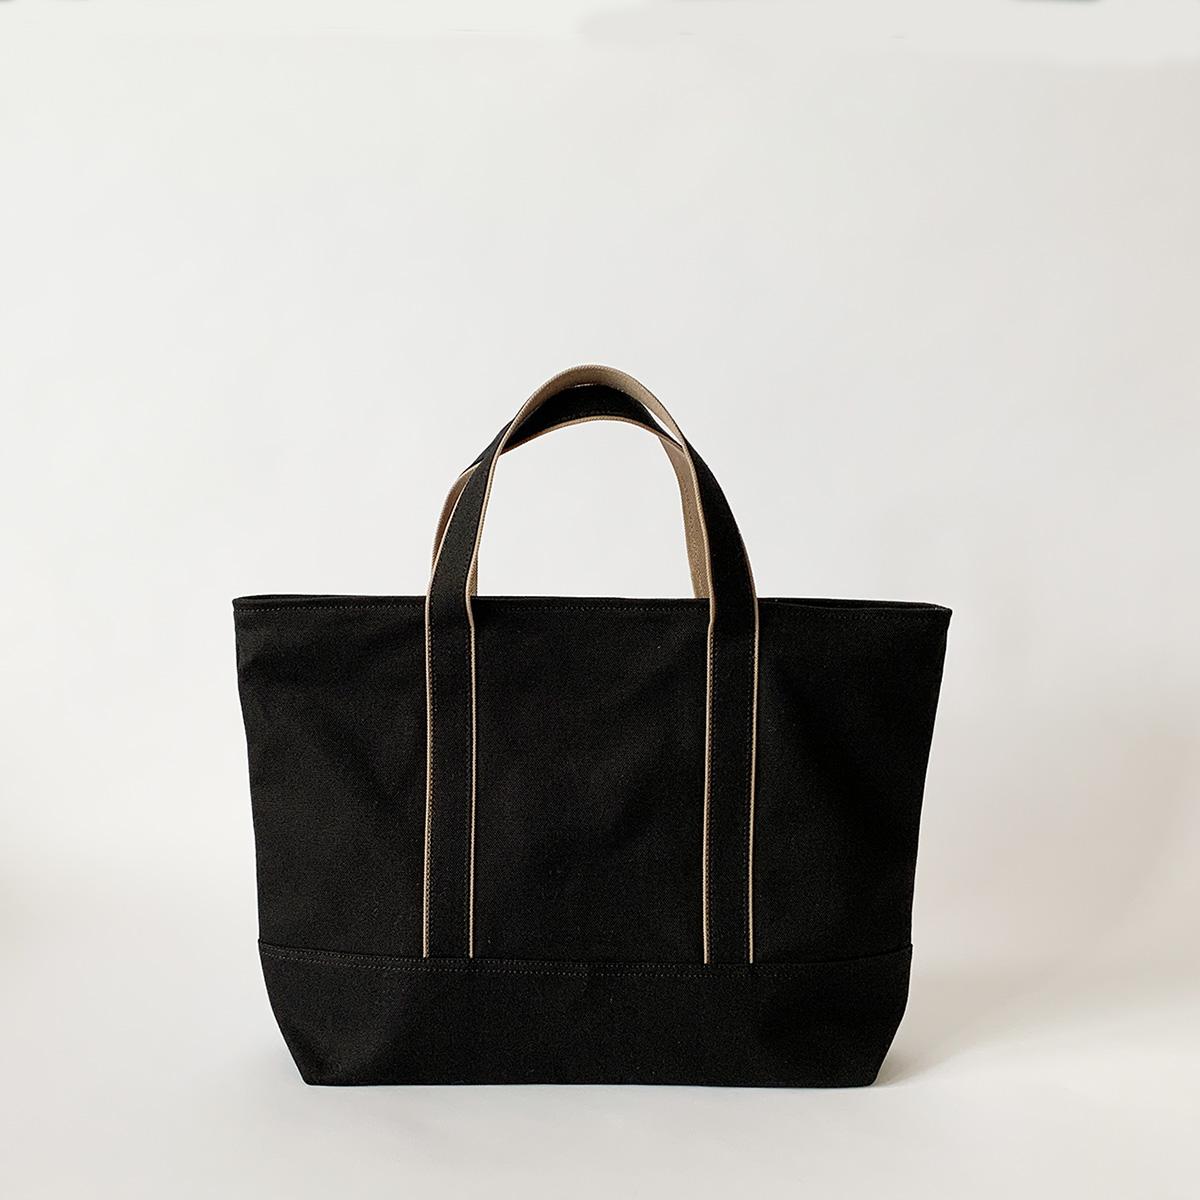 ジッパートート / ブラック:Mサイズ(持ち手短め)